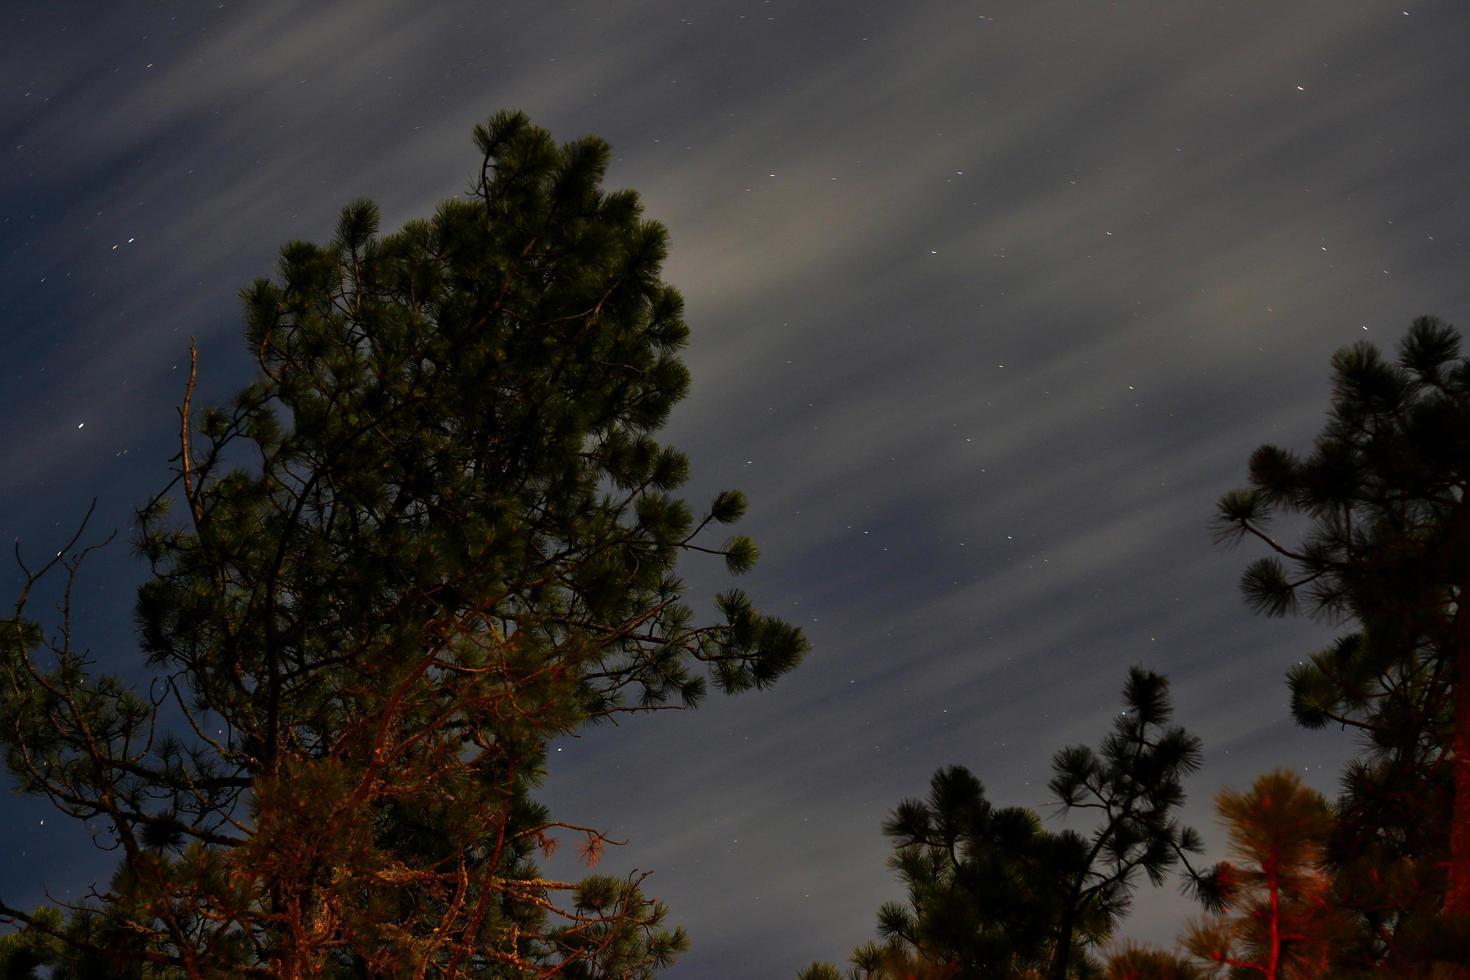 larga exposición del cielo nocturno con el árbol en primer plano foto